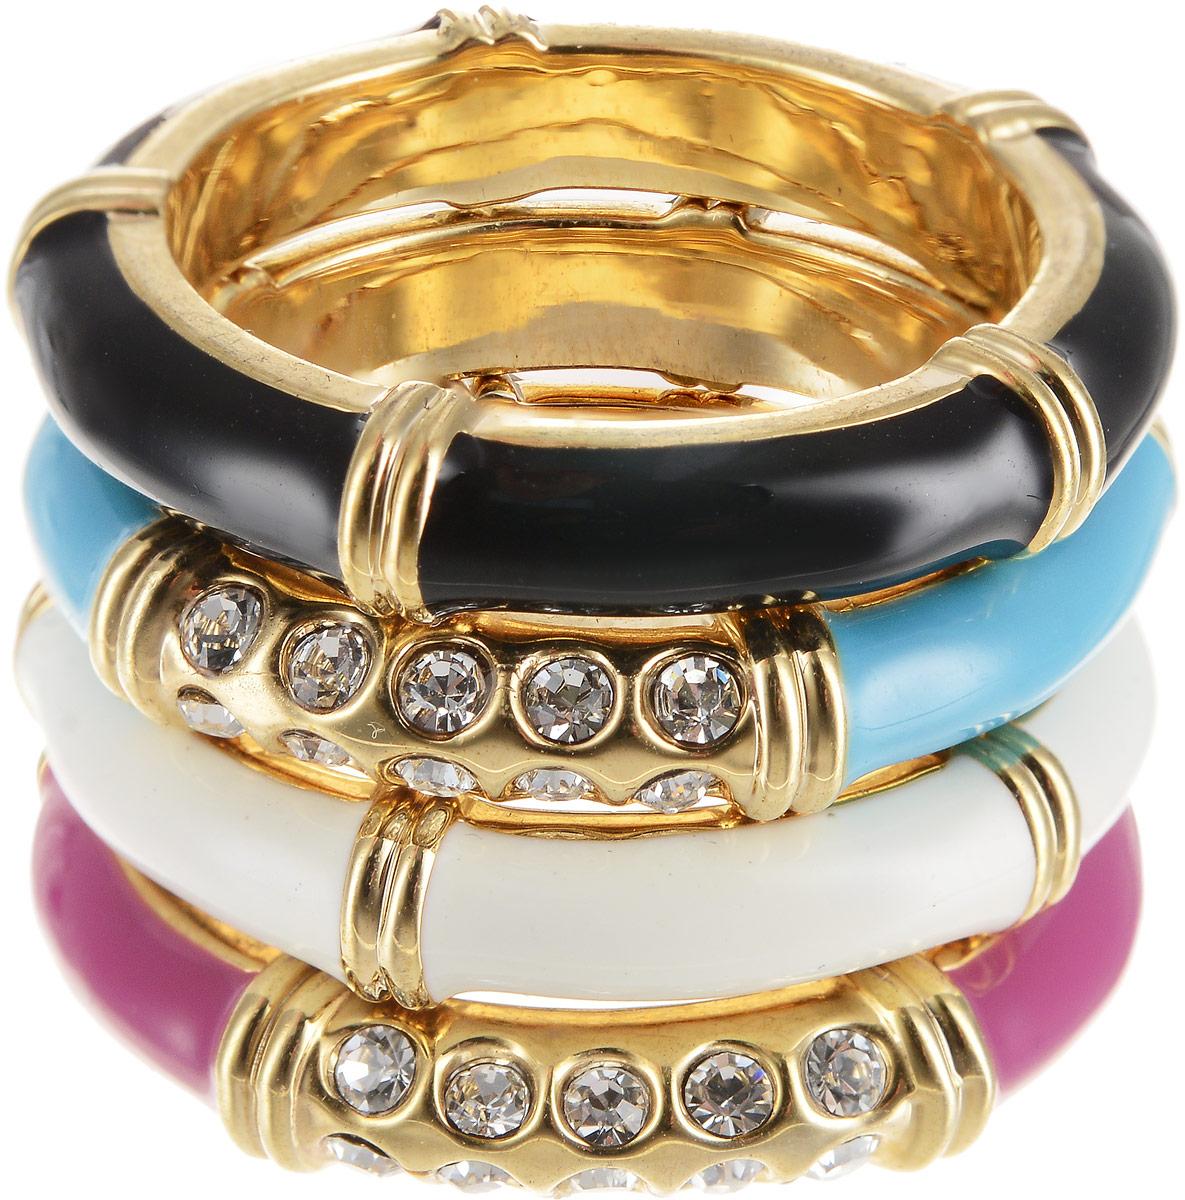 Кольцо Art-Silver, цвет: золотой, мультиколор. 00608-1154. Размер 18Коктейльное кольцоОригинальное кольцо Art-Silver выполнено из бижутерного сплава с гальваническим покрытием. Кольцо украшено декоративными вставками и состоит из нескольких частей, которые можно одевать в разном порядке.Элегантное кольцо Art-Silver превосходно дополнит ваш образ и подчеркнет отменное чувство стиля своей обладательницы.